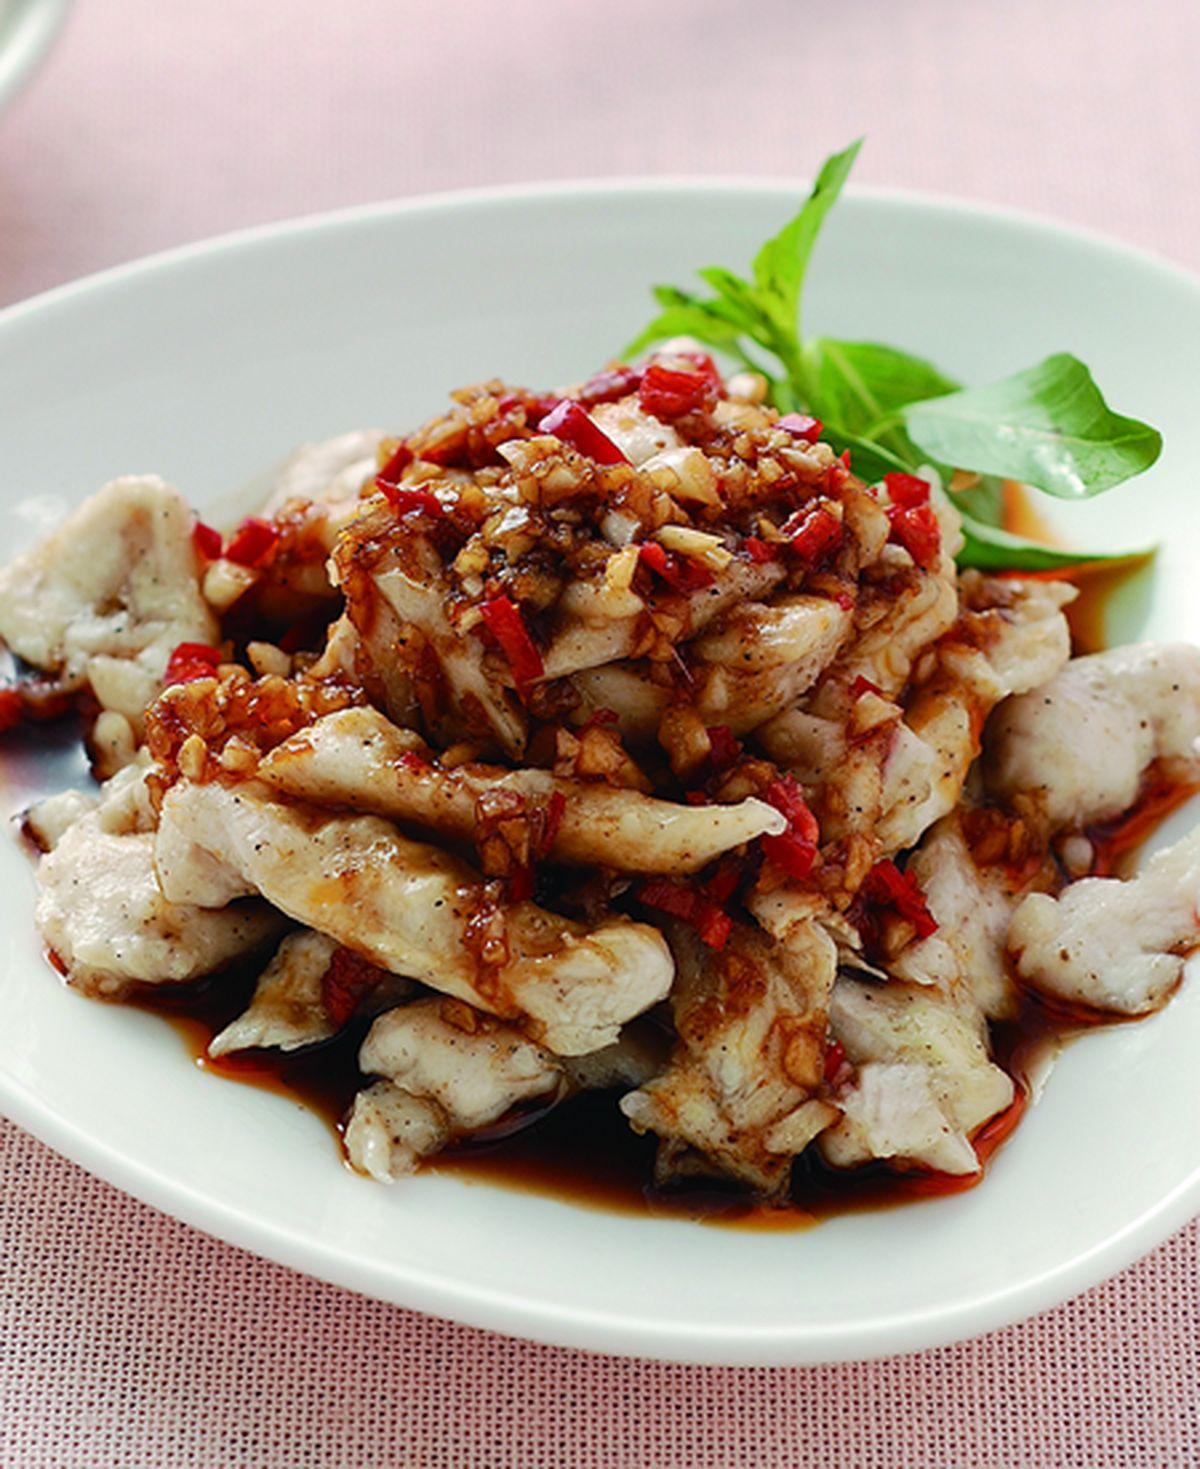 食譜:椒麻雞柳條